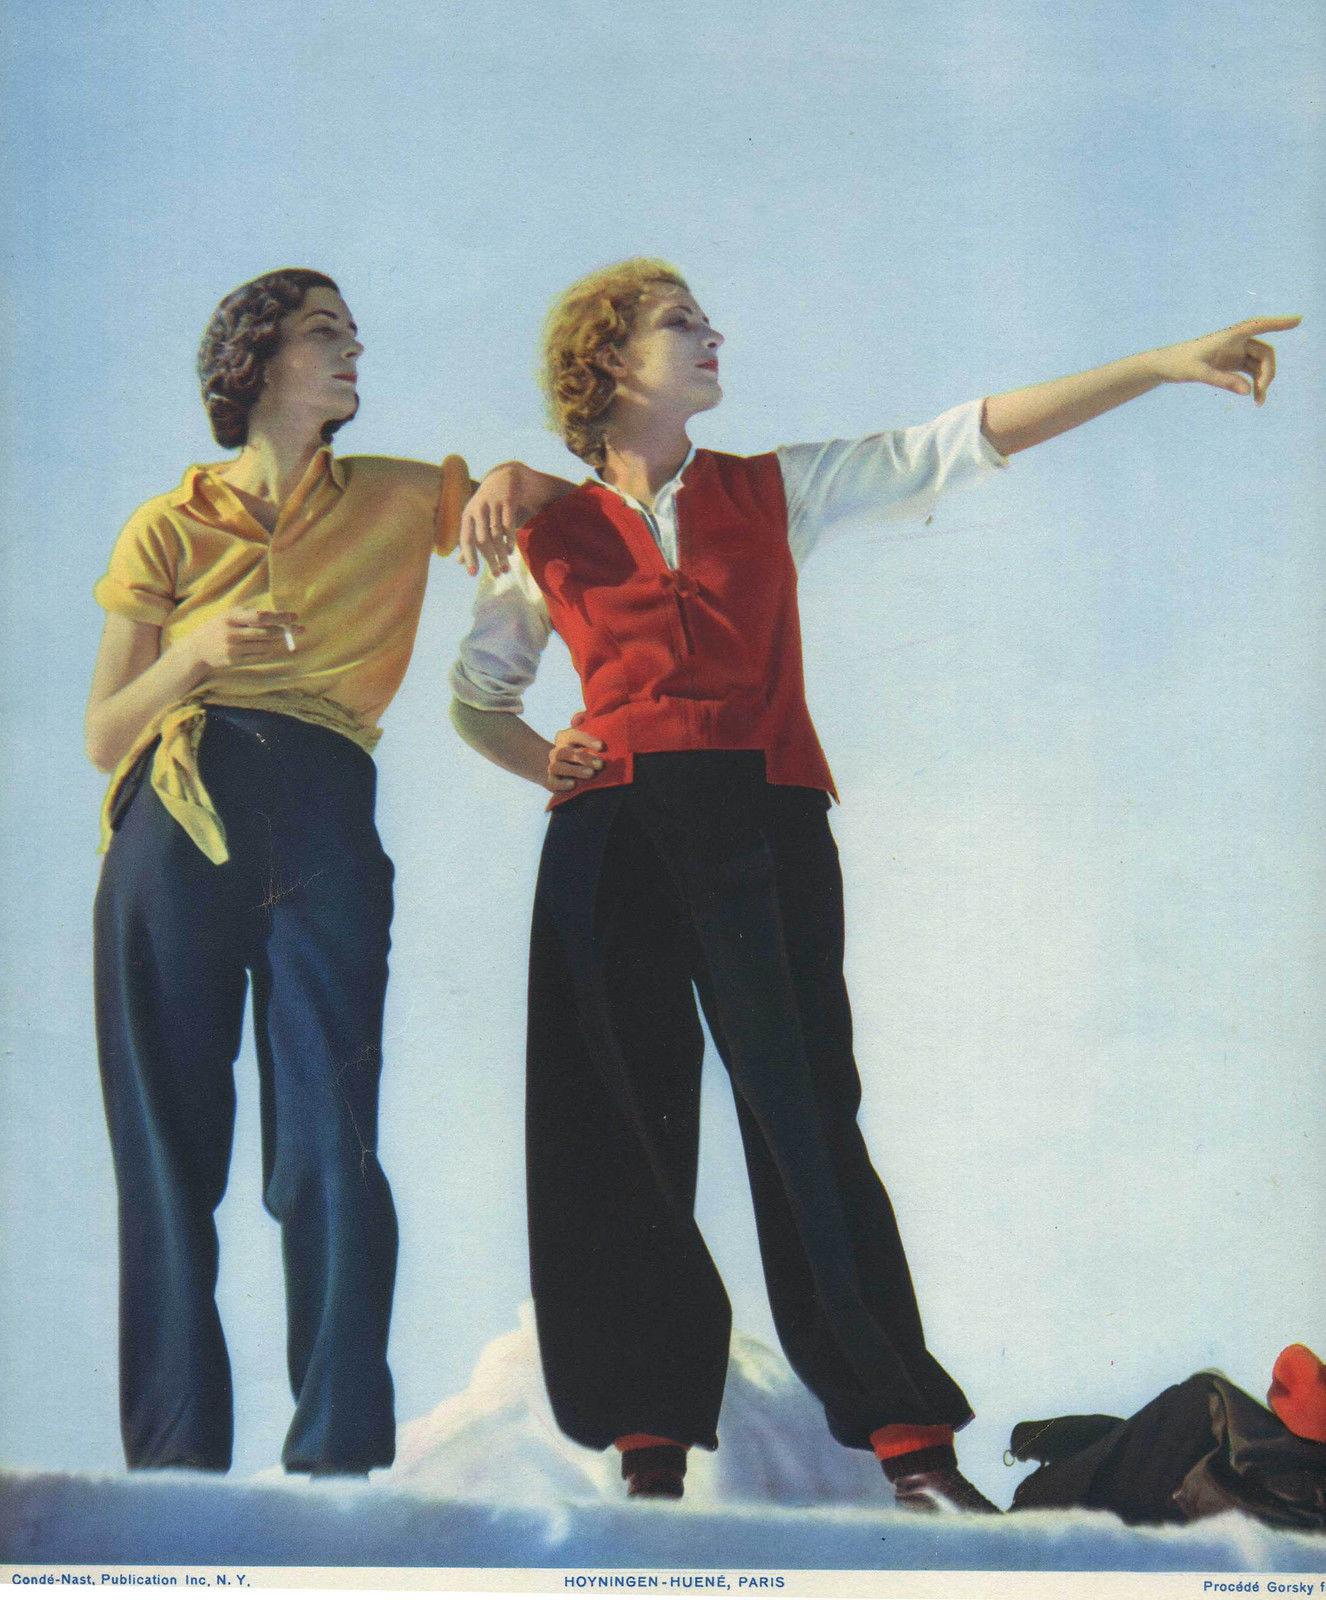 HOYNINGEN-HUENE-Conde-Nast-Procede-Gorsky-1930